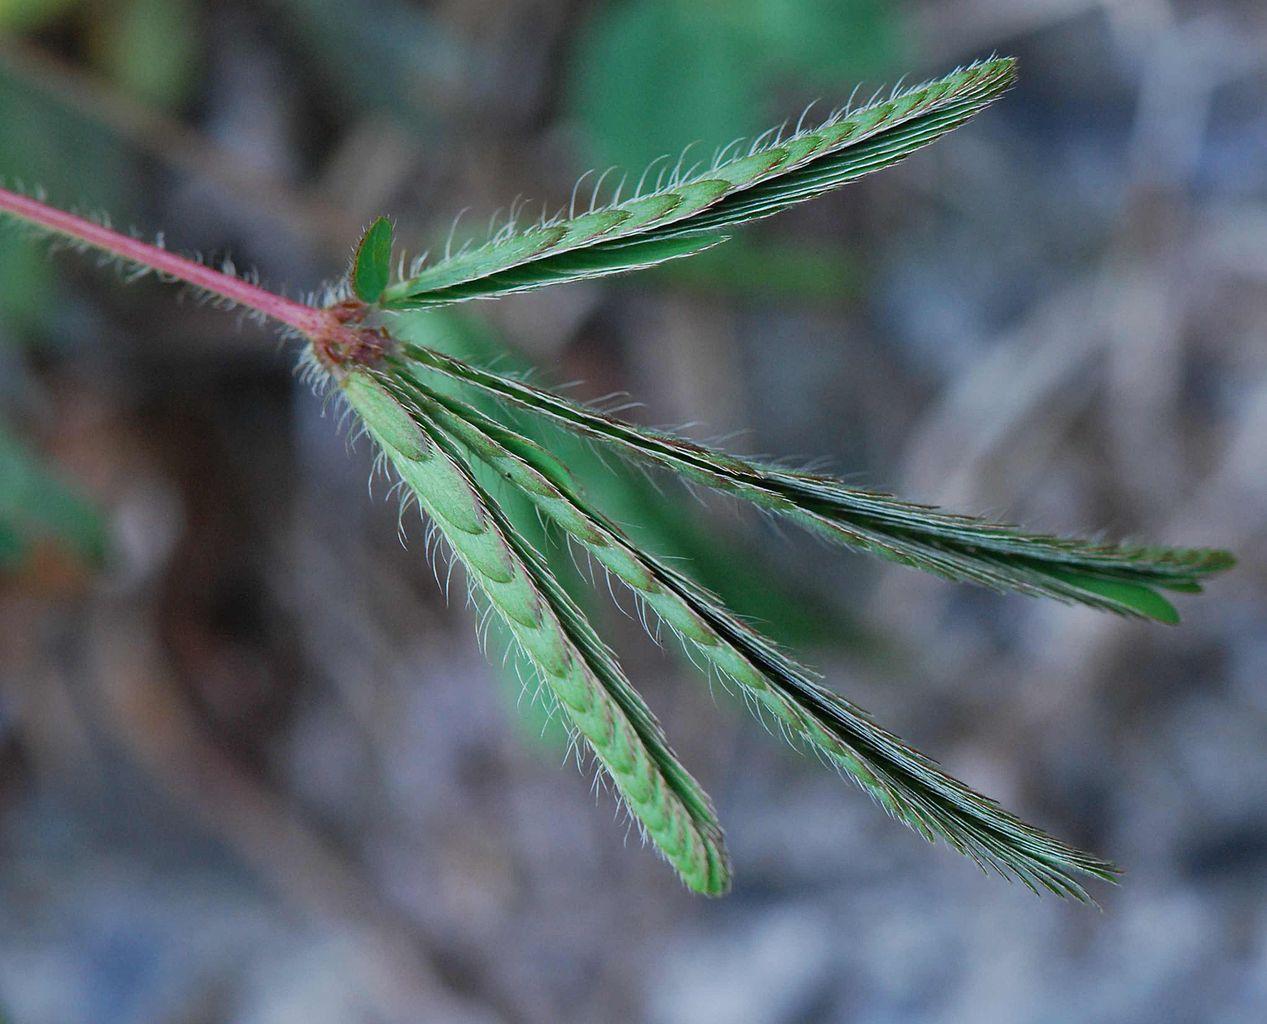 Las hojas de la mimosa pudica se cierran al contacto